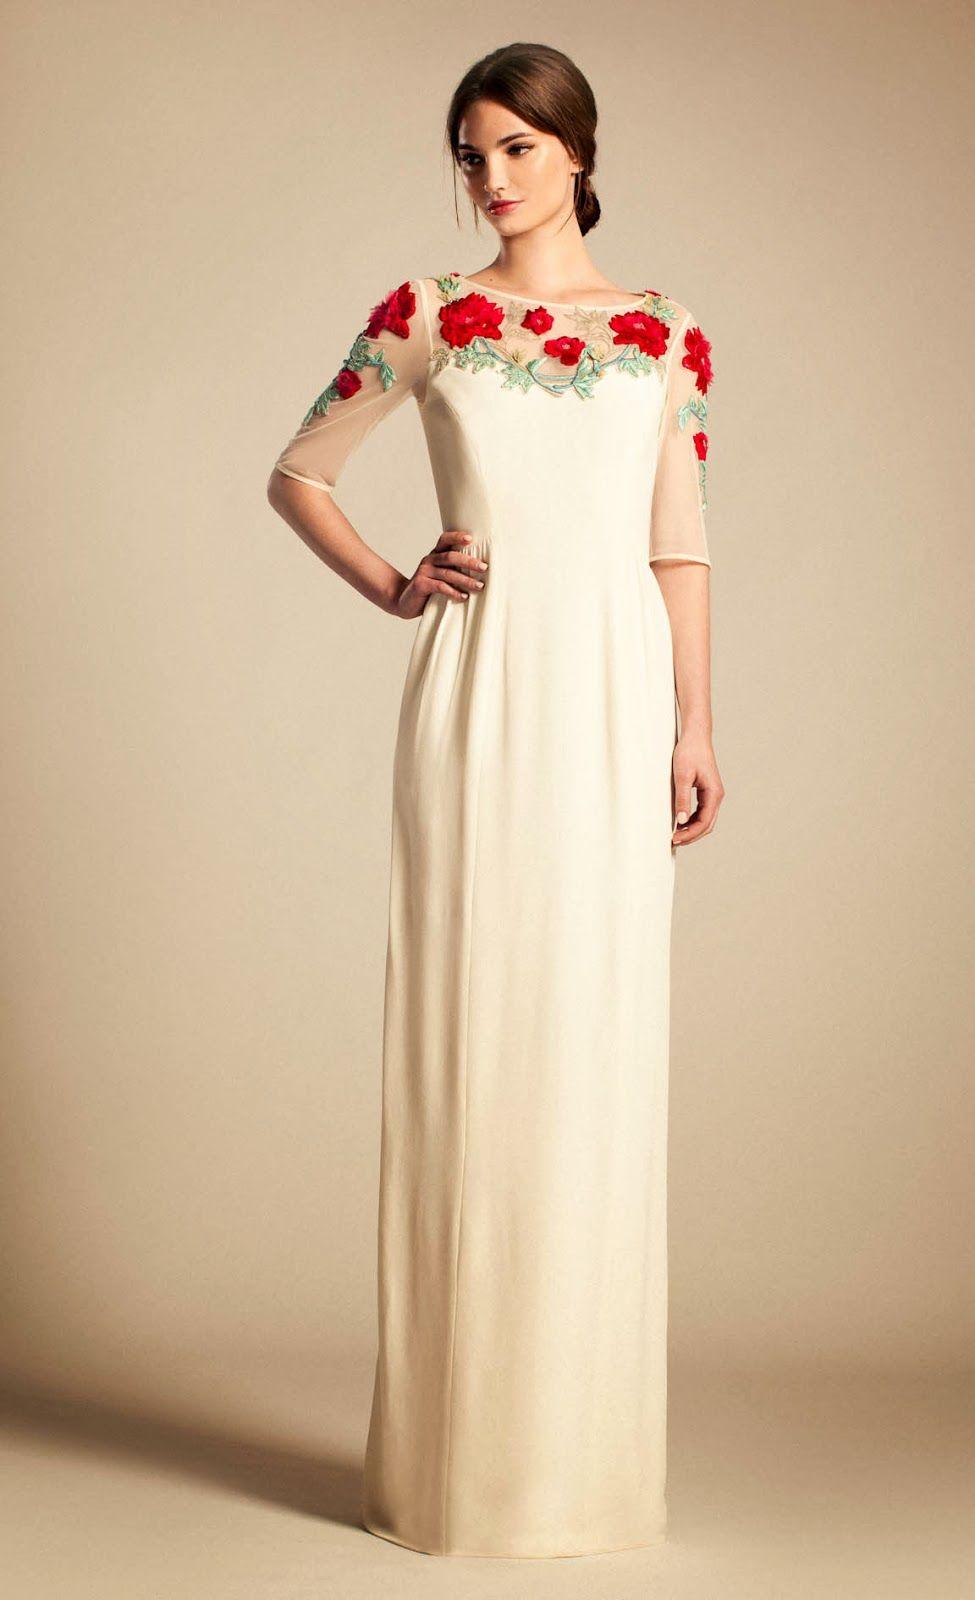 Maravillosos Vestidos bordados para ti | punto de cruz | Pinterest ...